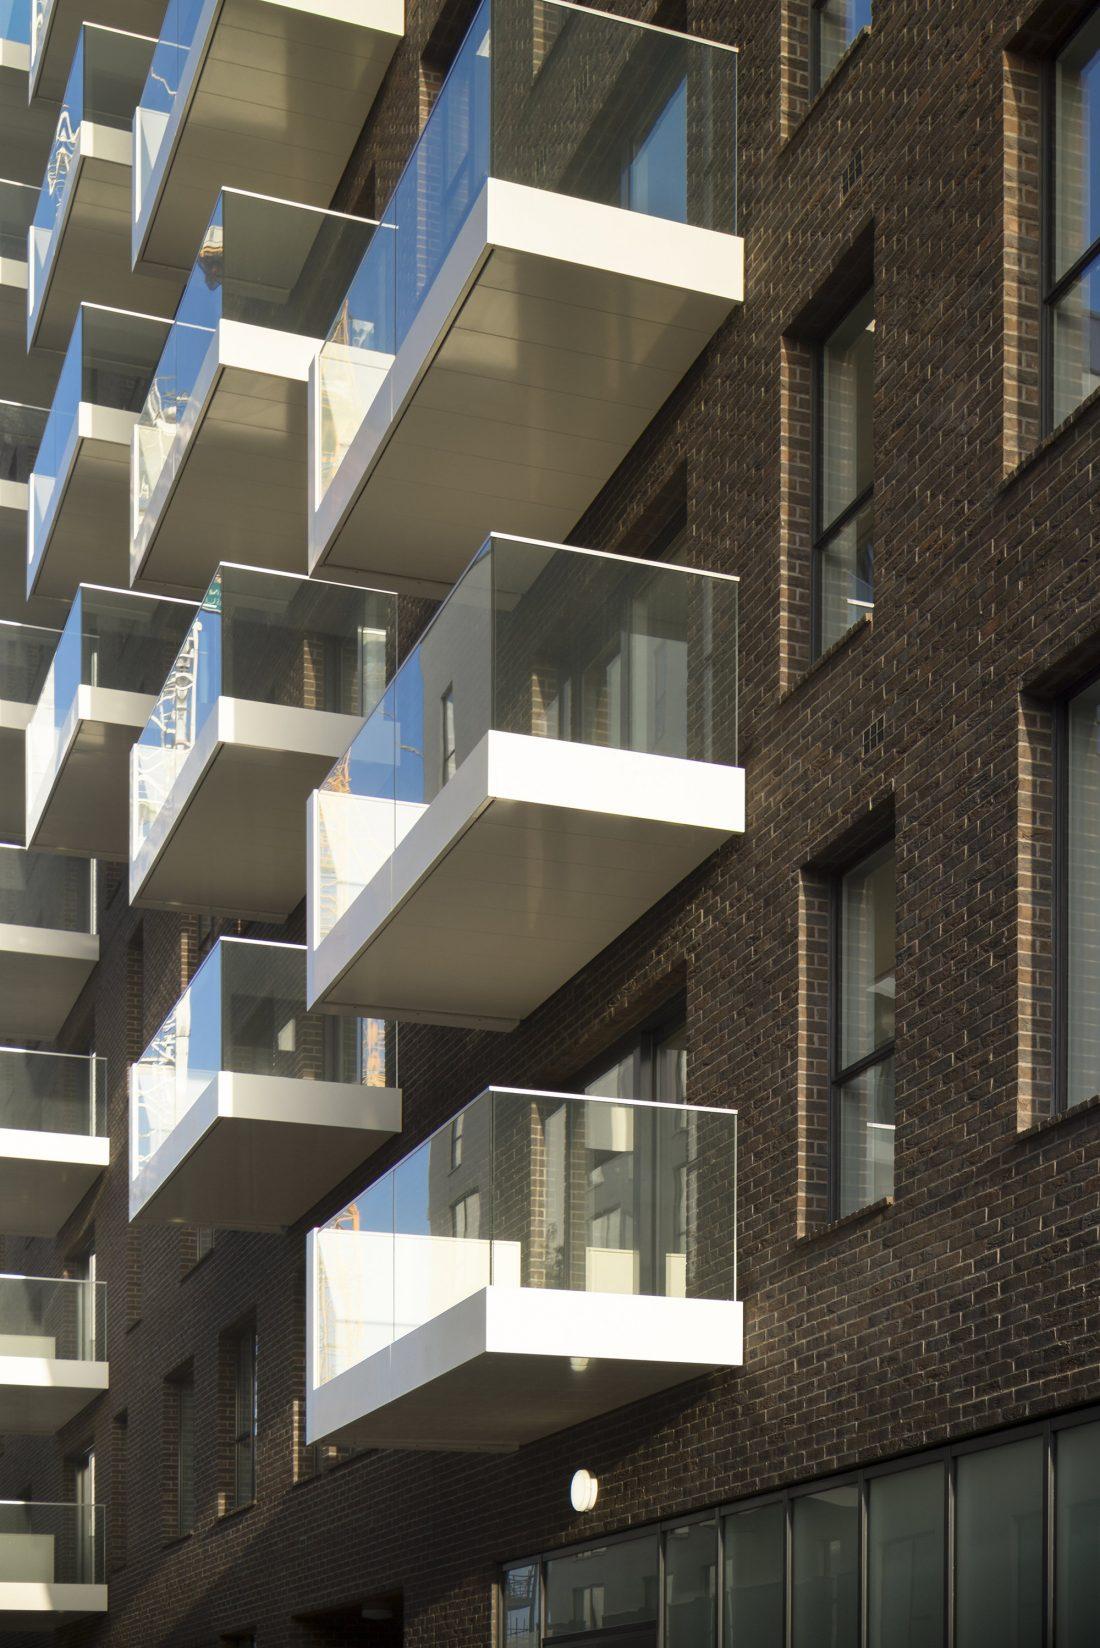 Жилой комплекс Greenwich Peninsula Riverside в Лондоне по проекту C.F. Moller 4